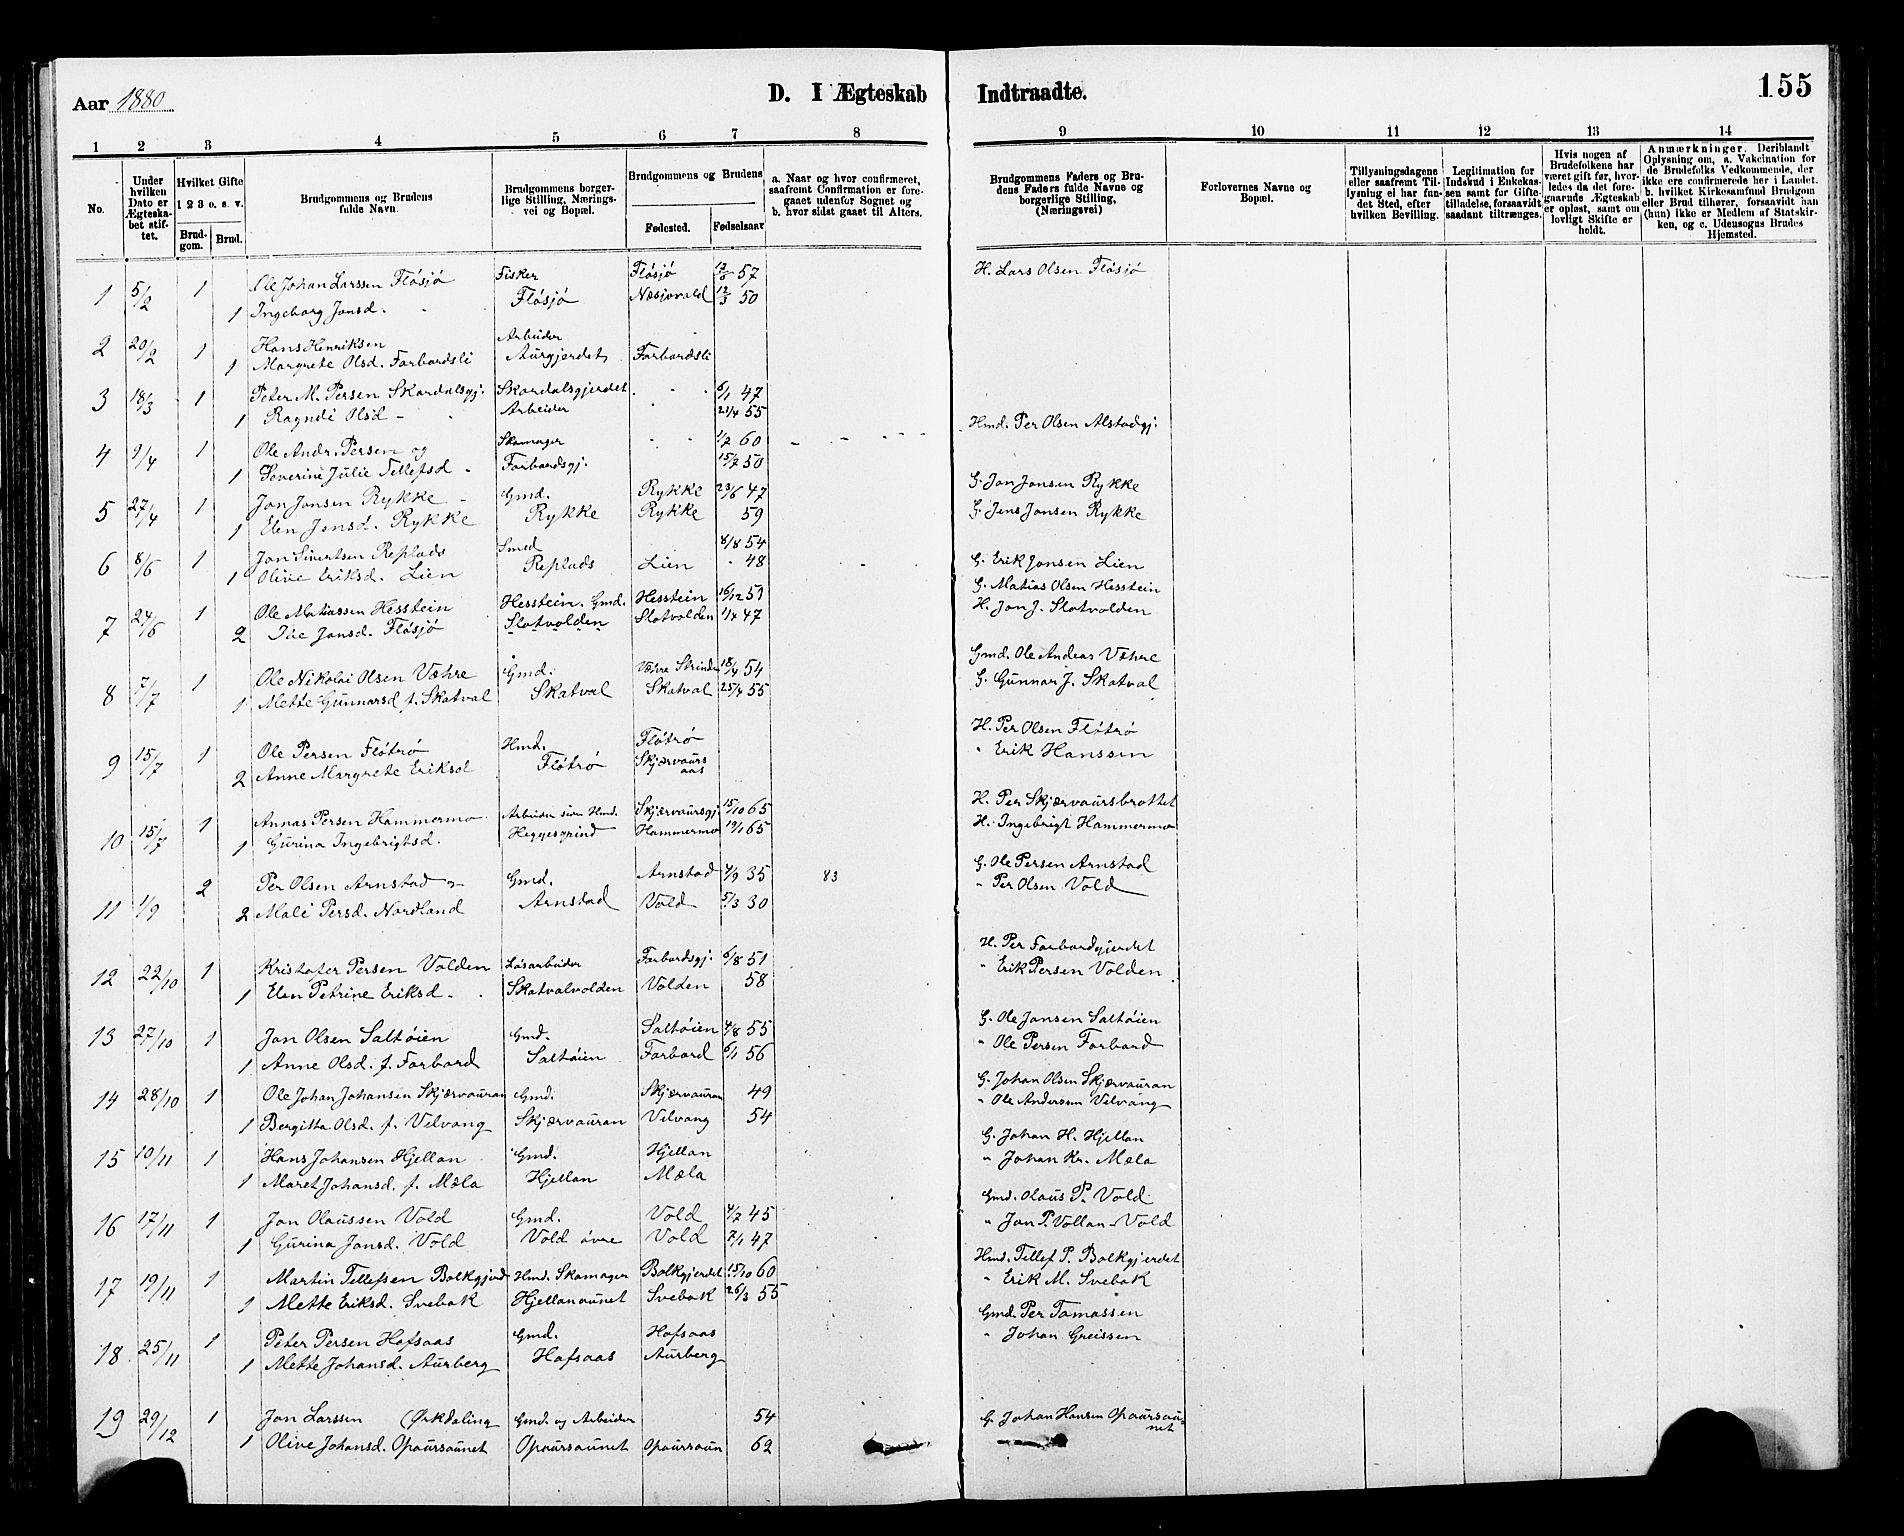 SAT, Ministerialprotokoller, klokkerbøker og fødselsregistre - Nord-Trøndelag, 712/L0103: Klokkerbok nr. 712C01, 1878-1917, s. 155